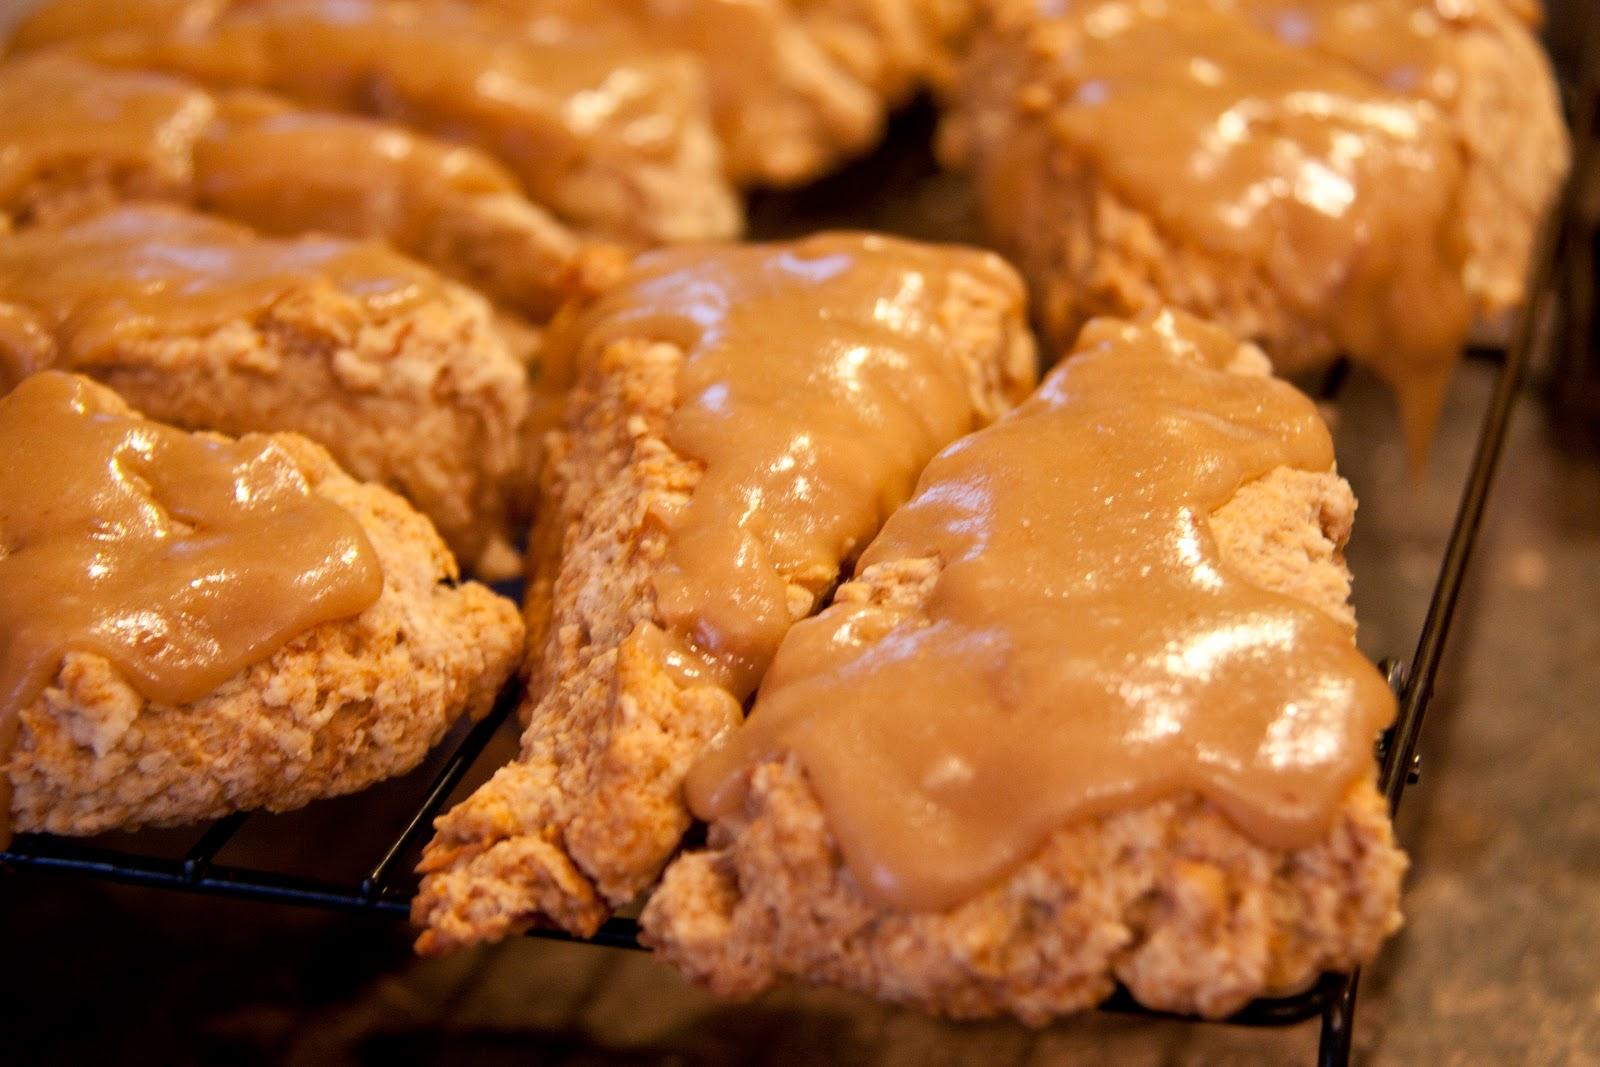 Nonesuch: Caramel Apple Scones